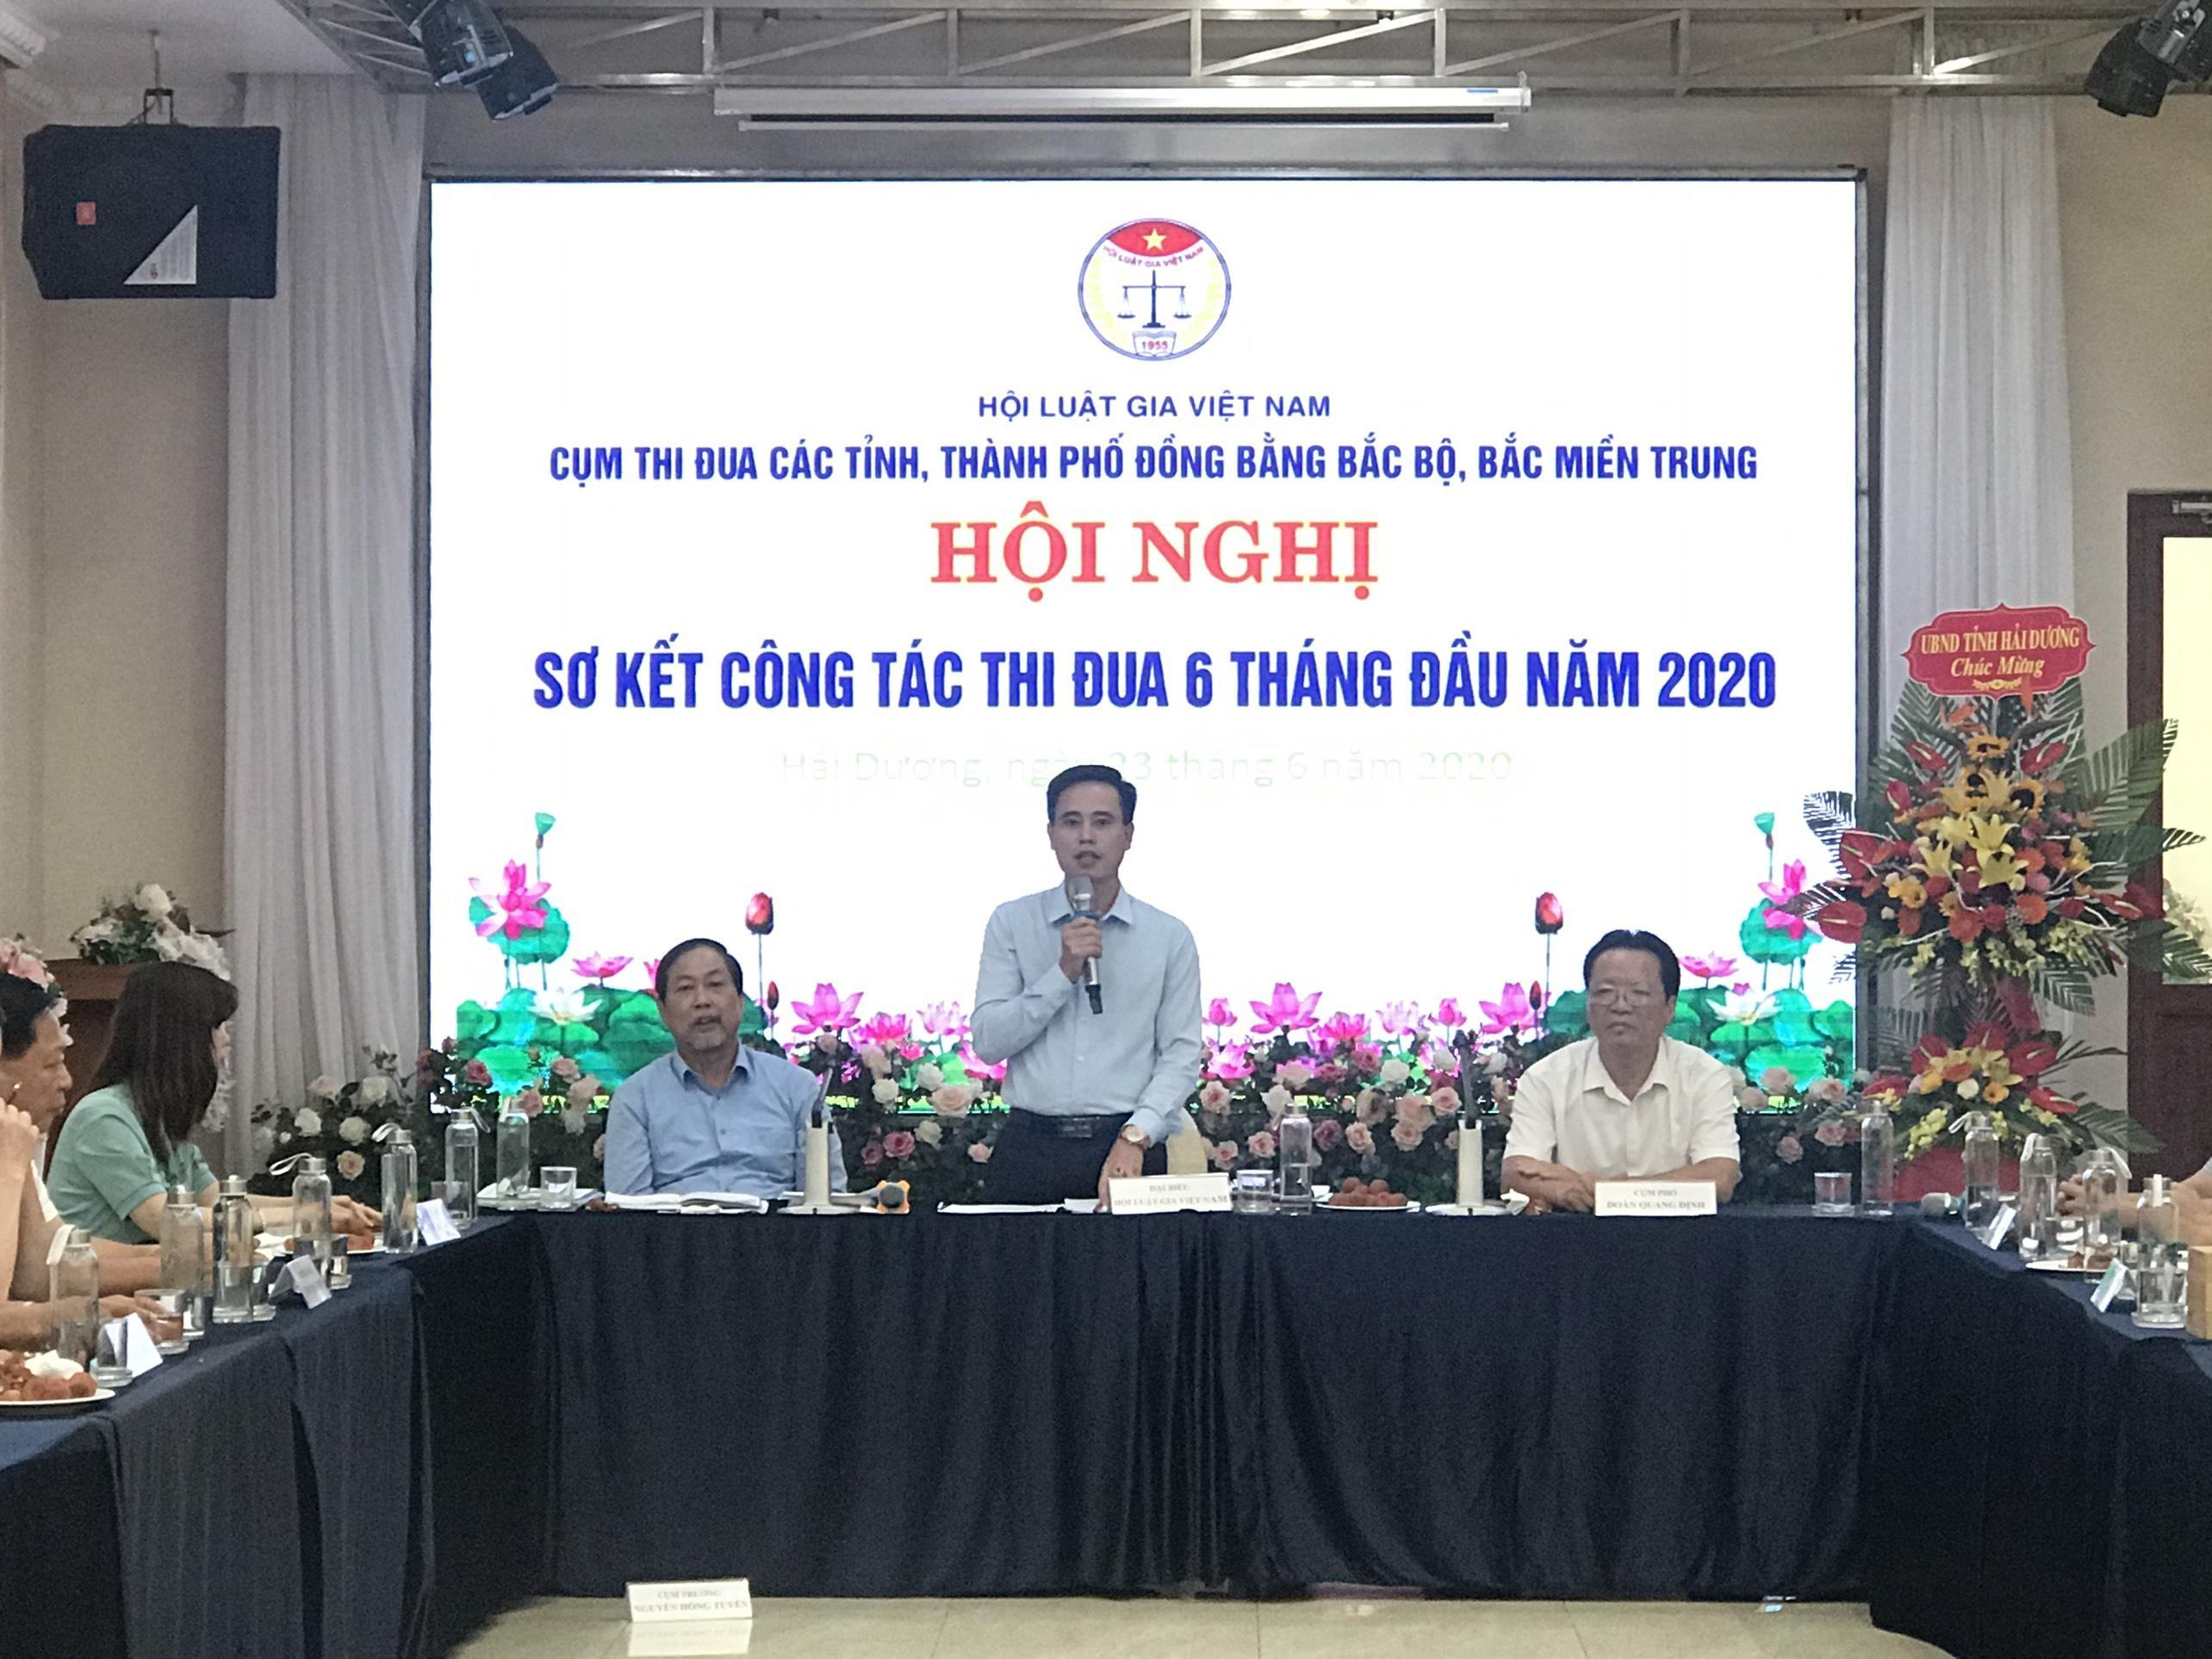 Hội nghị sơ kết Cụm thi đua hội Luật gia các tỉnh đồng bằng Bắc Bộ và Bắc Miền Trung - Ảnh 2